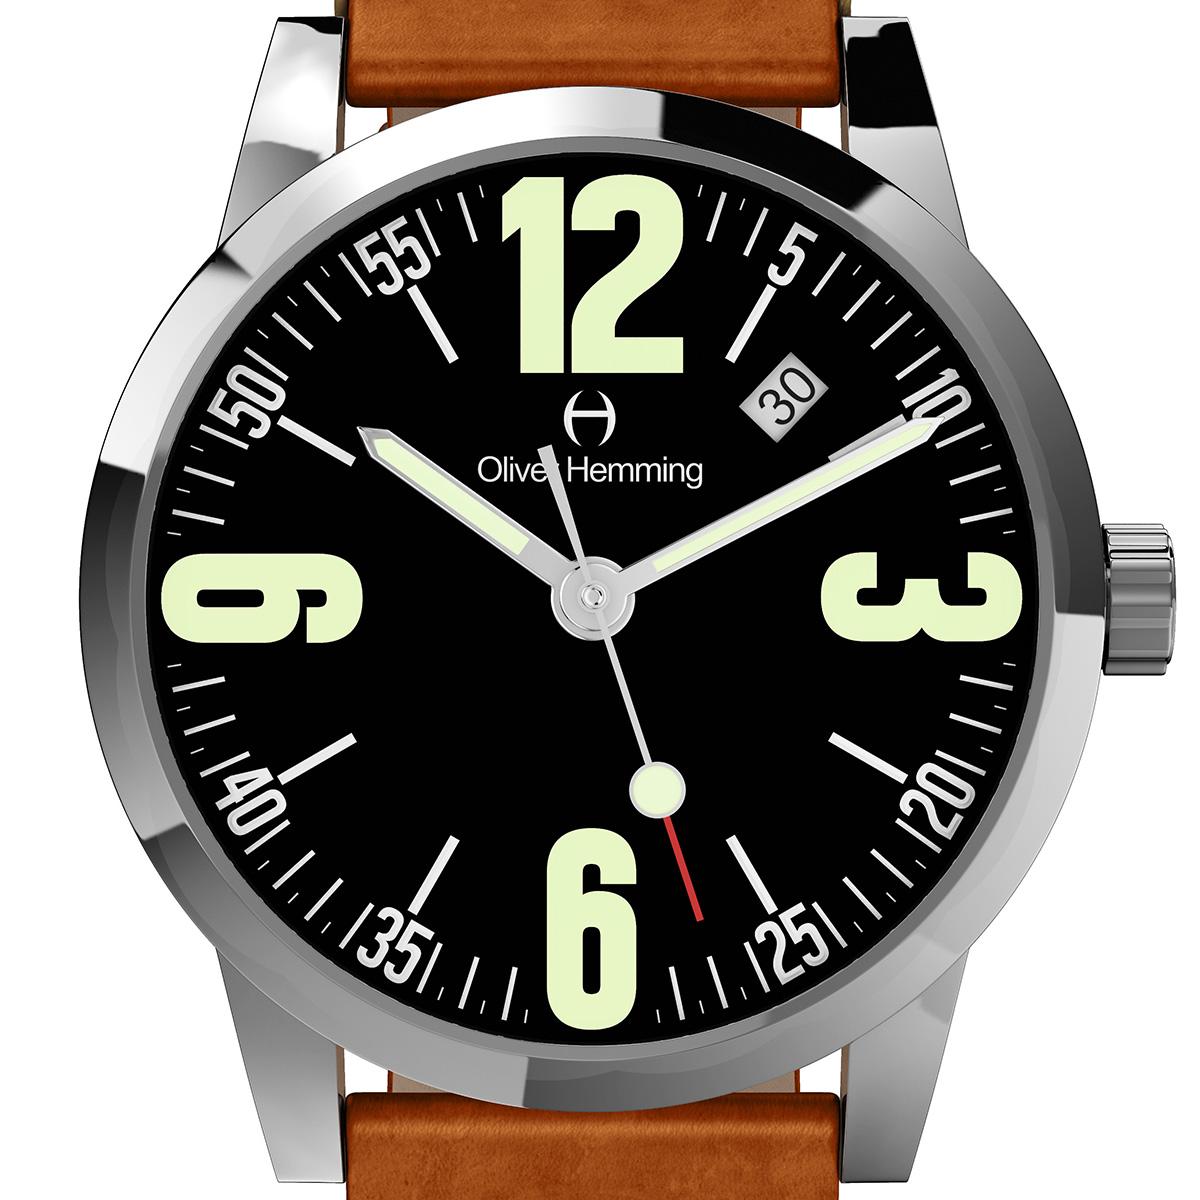 【残り1点】Oliver Hemming オリバーヘミング クォーツ 腕時計 イギリス アート デザイン [WT17S66BVT] 正規代理店品 純正ケース メーカー保証